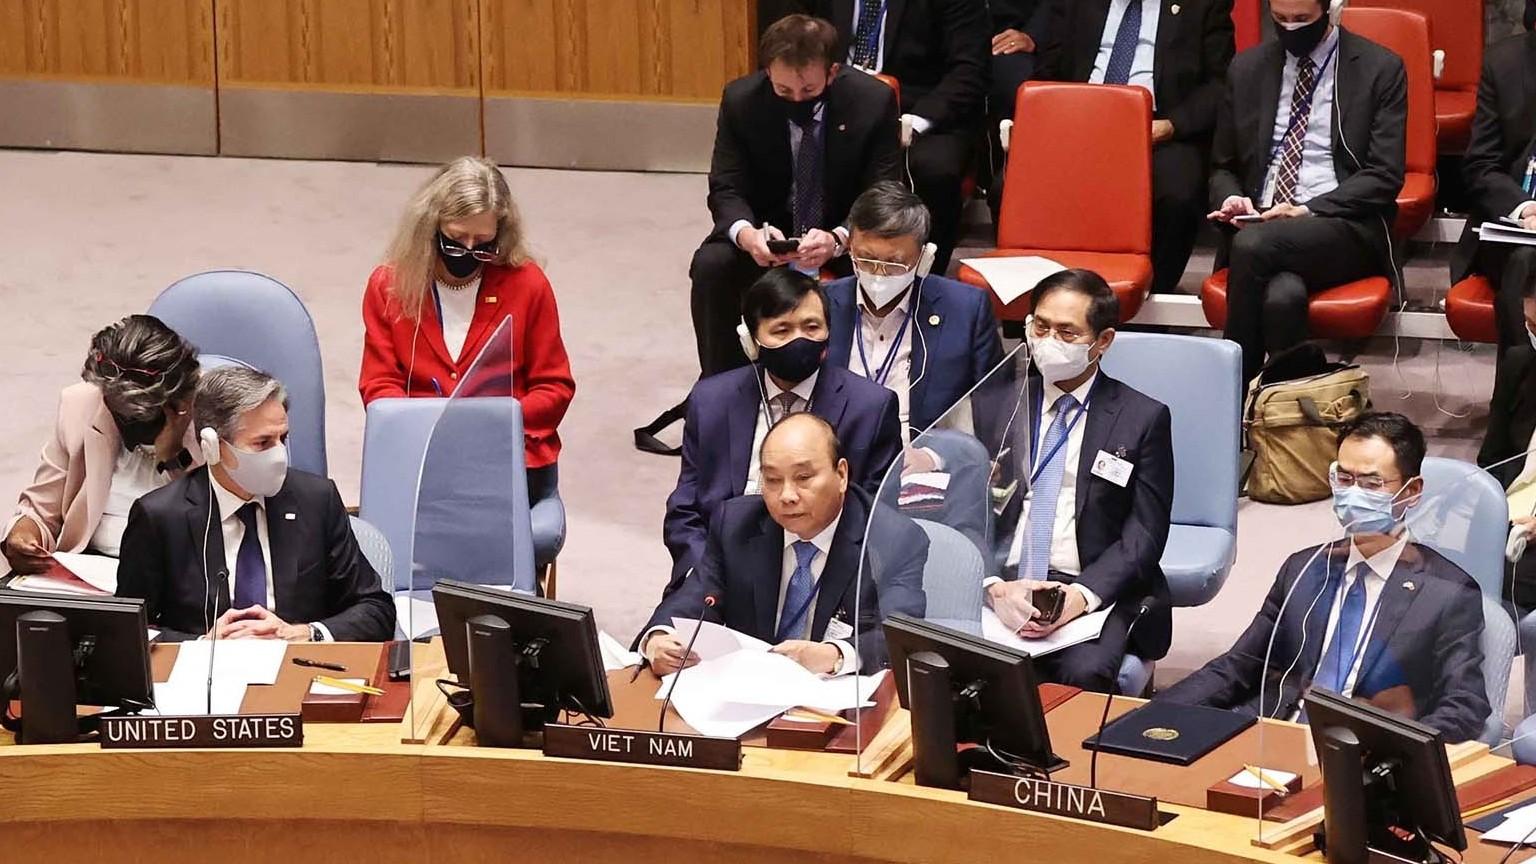 Truyền thông Nga: Vị thế Việt Nam 'bật cao' nhờ những đóng góp cho Liên hợp quốc